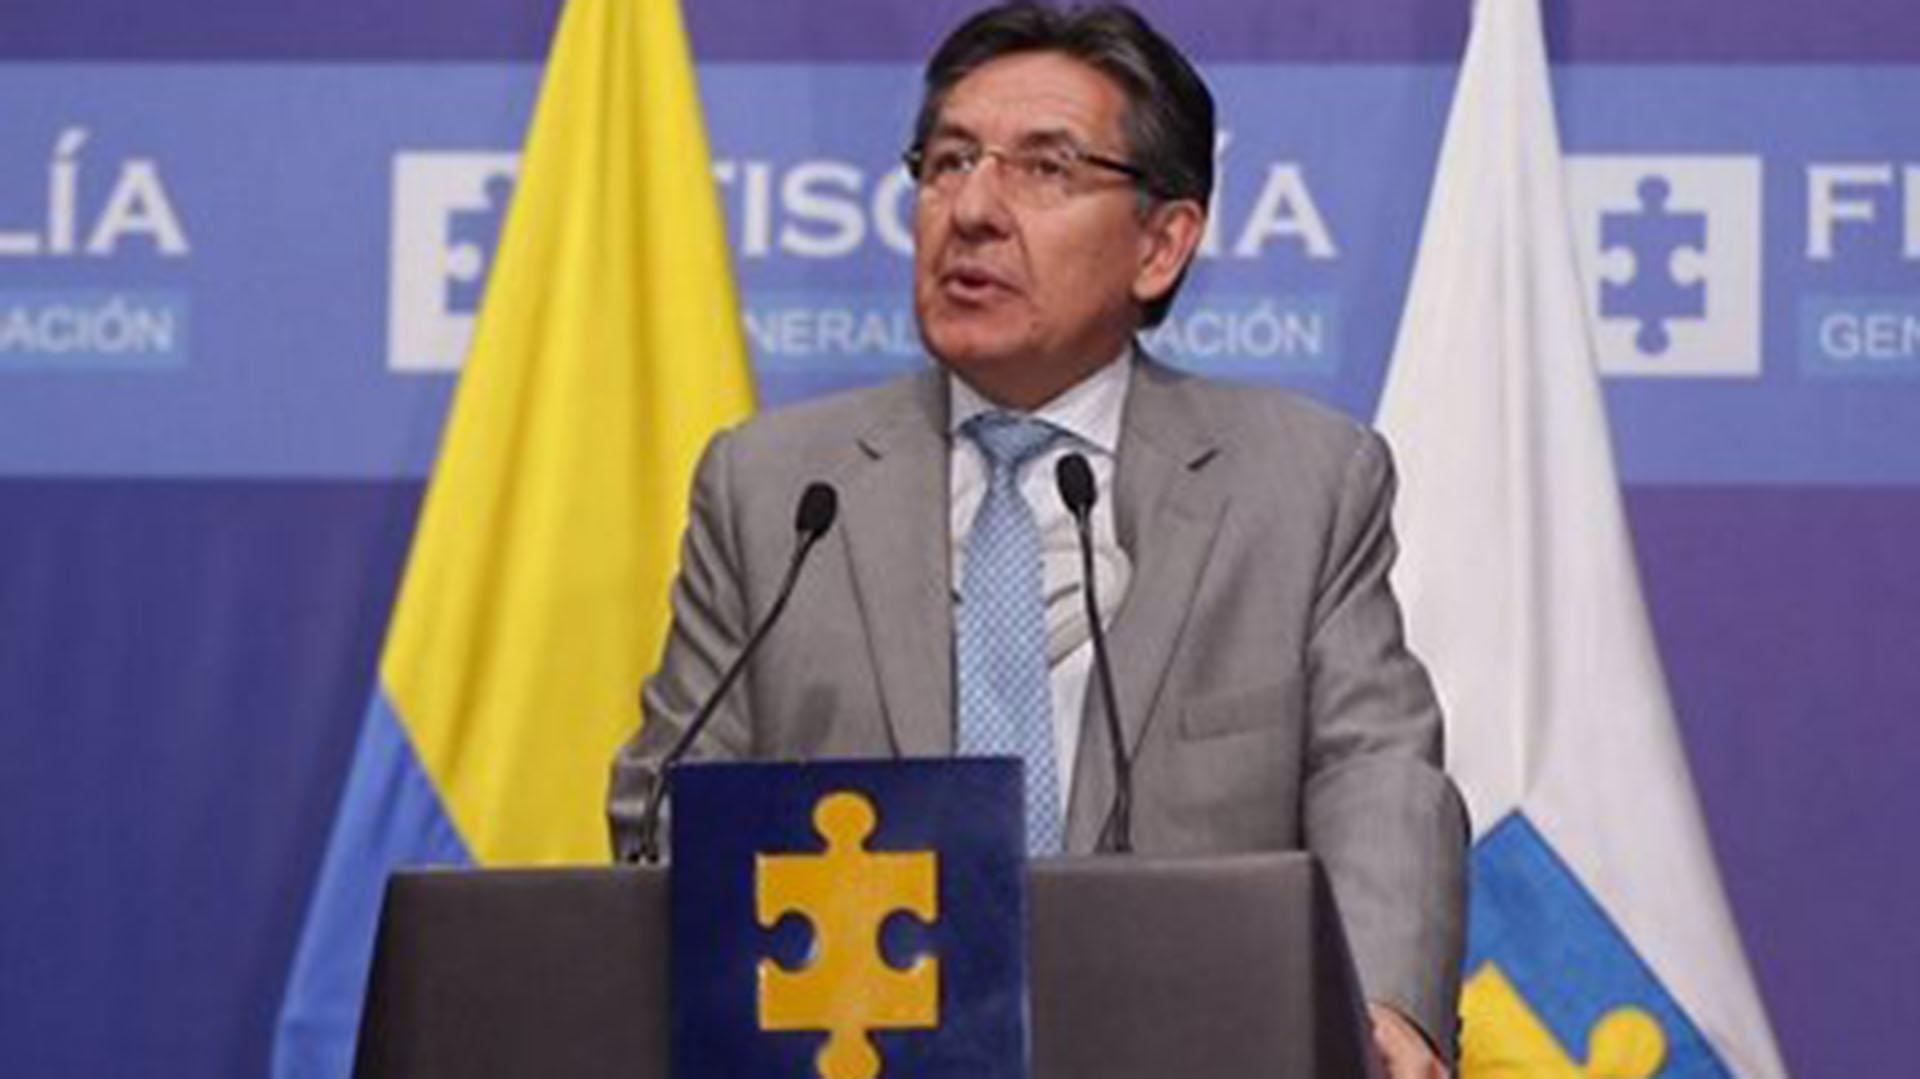 Martínez era el asesor jurídico del grupo Aval cuando se realizaron los sobornos de Odebrecht.